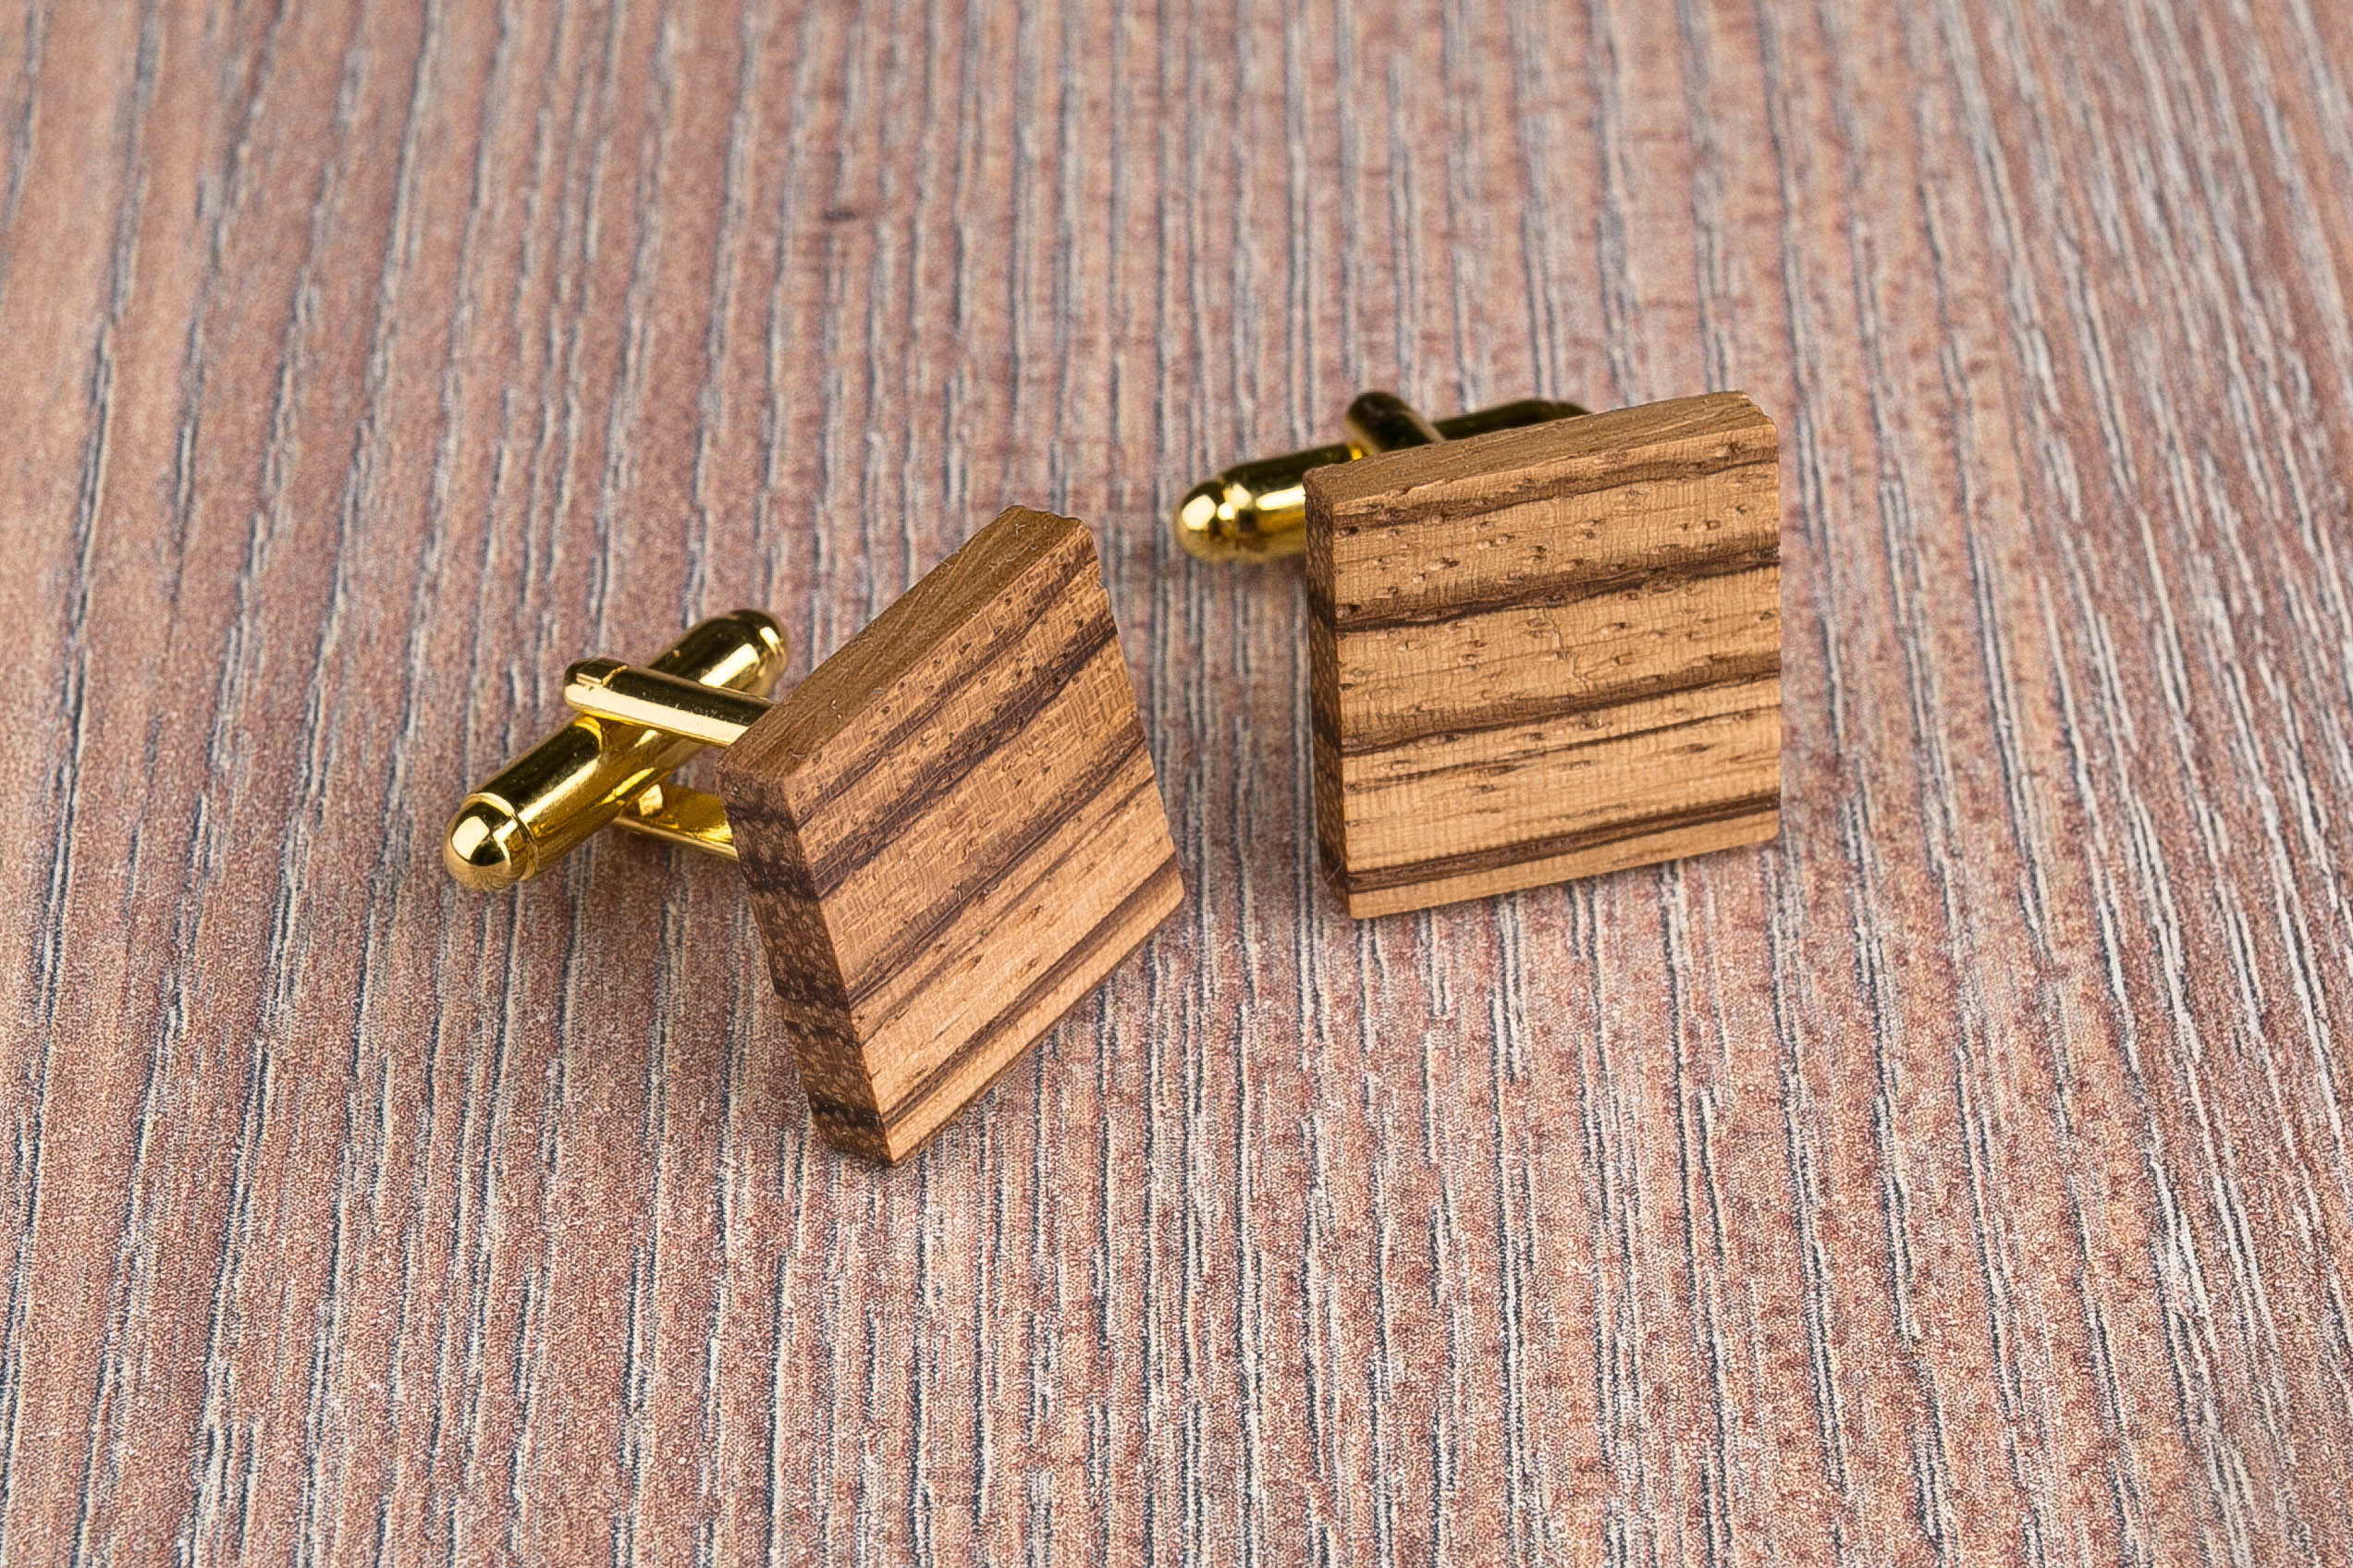 Комплект: Квадратные запонки из дерева и Деревянный зажим для галстука. Массив зебрано. Гравировка инициалов. Упаковка в комплекте